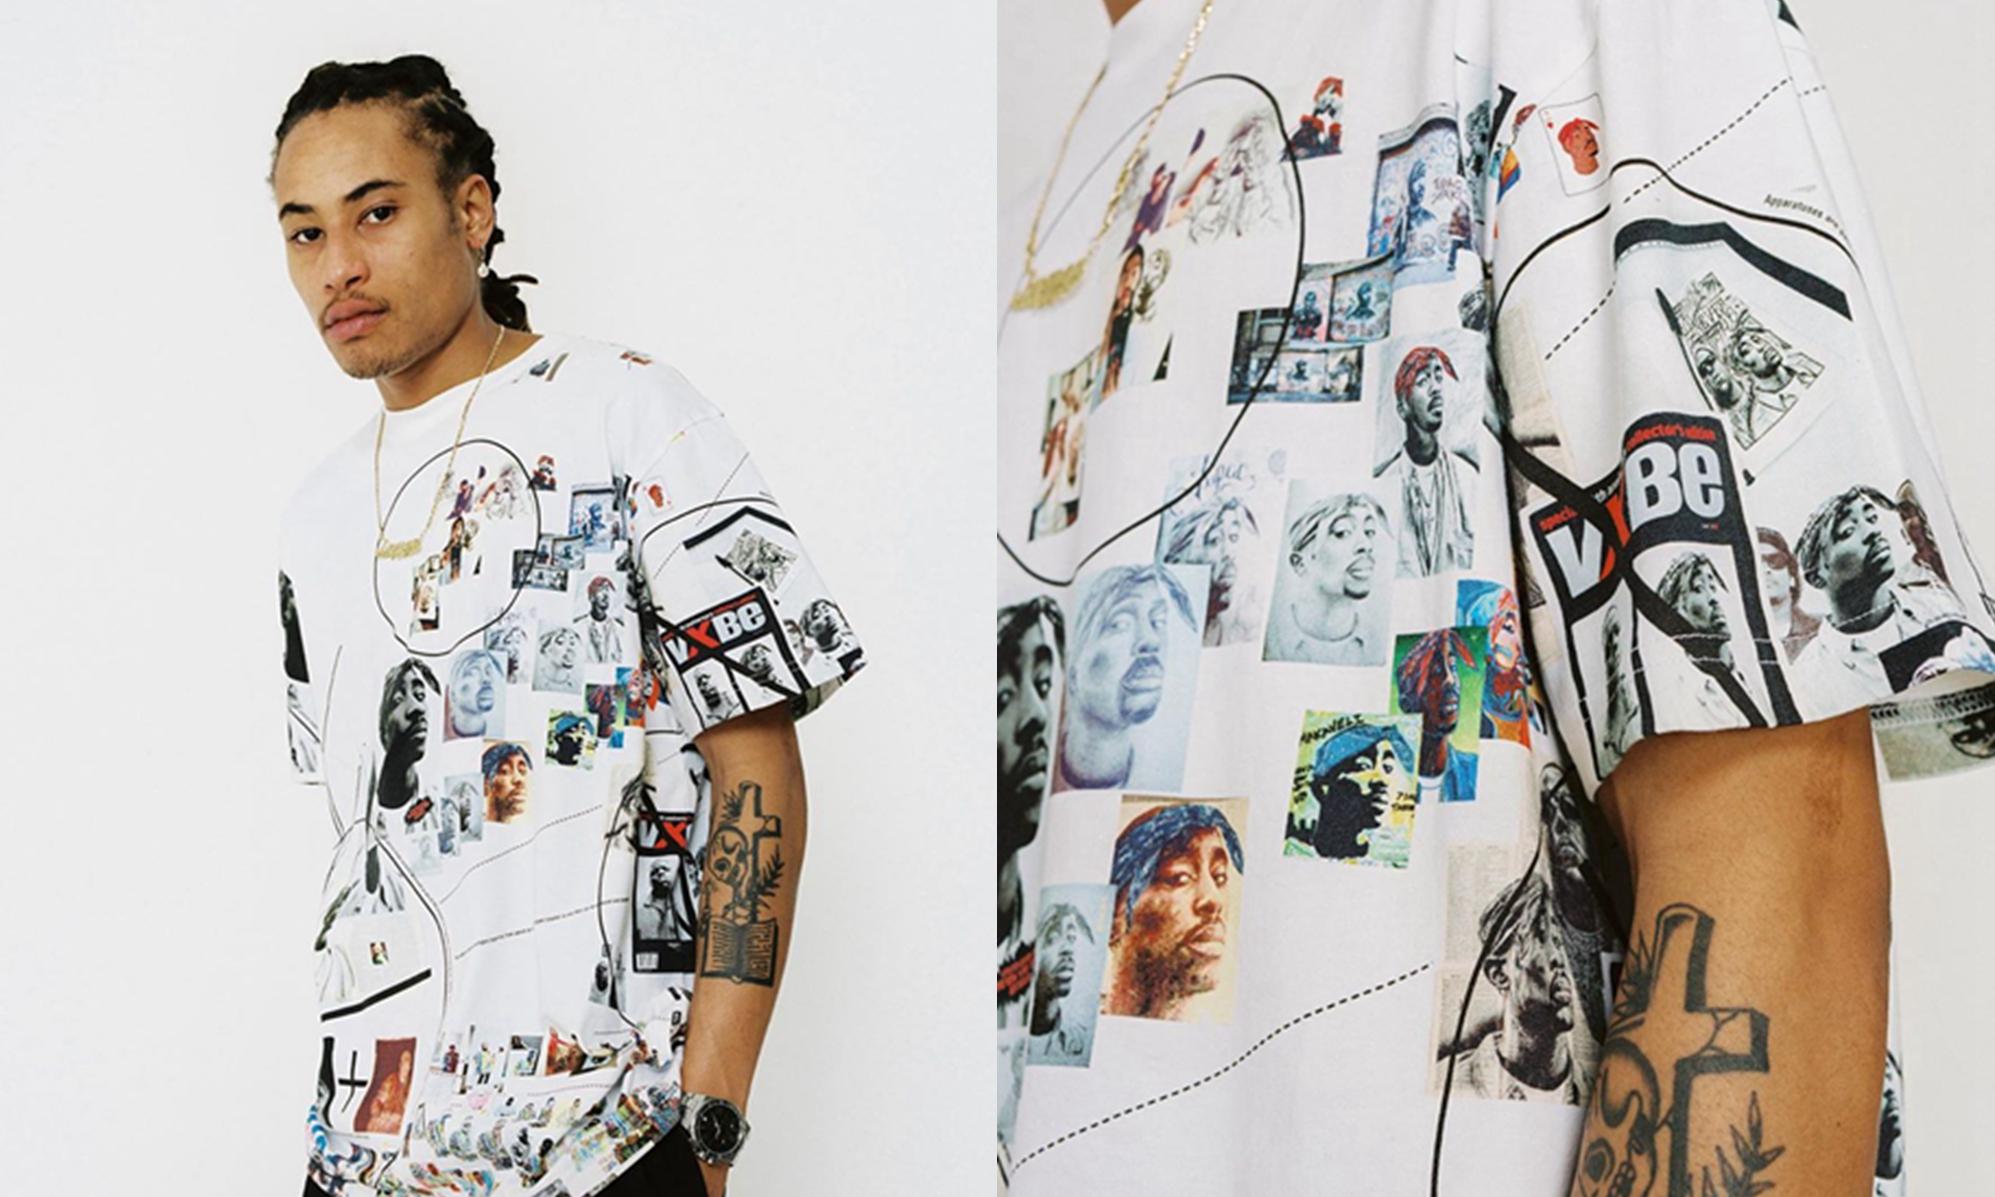 Patta 携手摄影师 Dana Lixenberg 发布全新合作胶囊系列